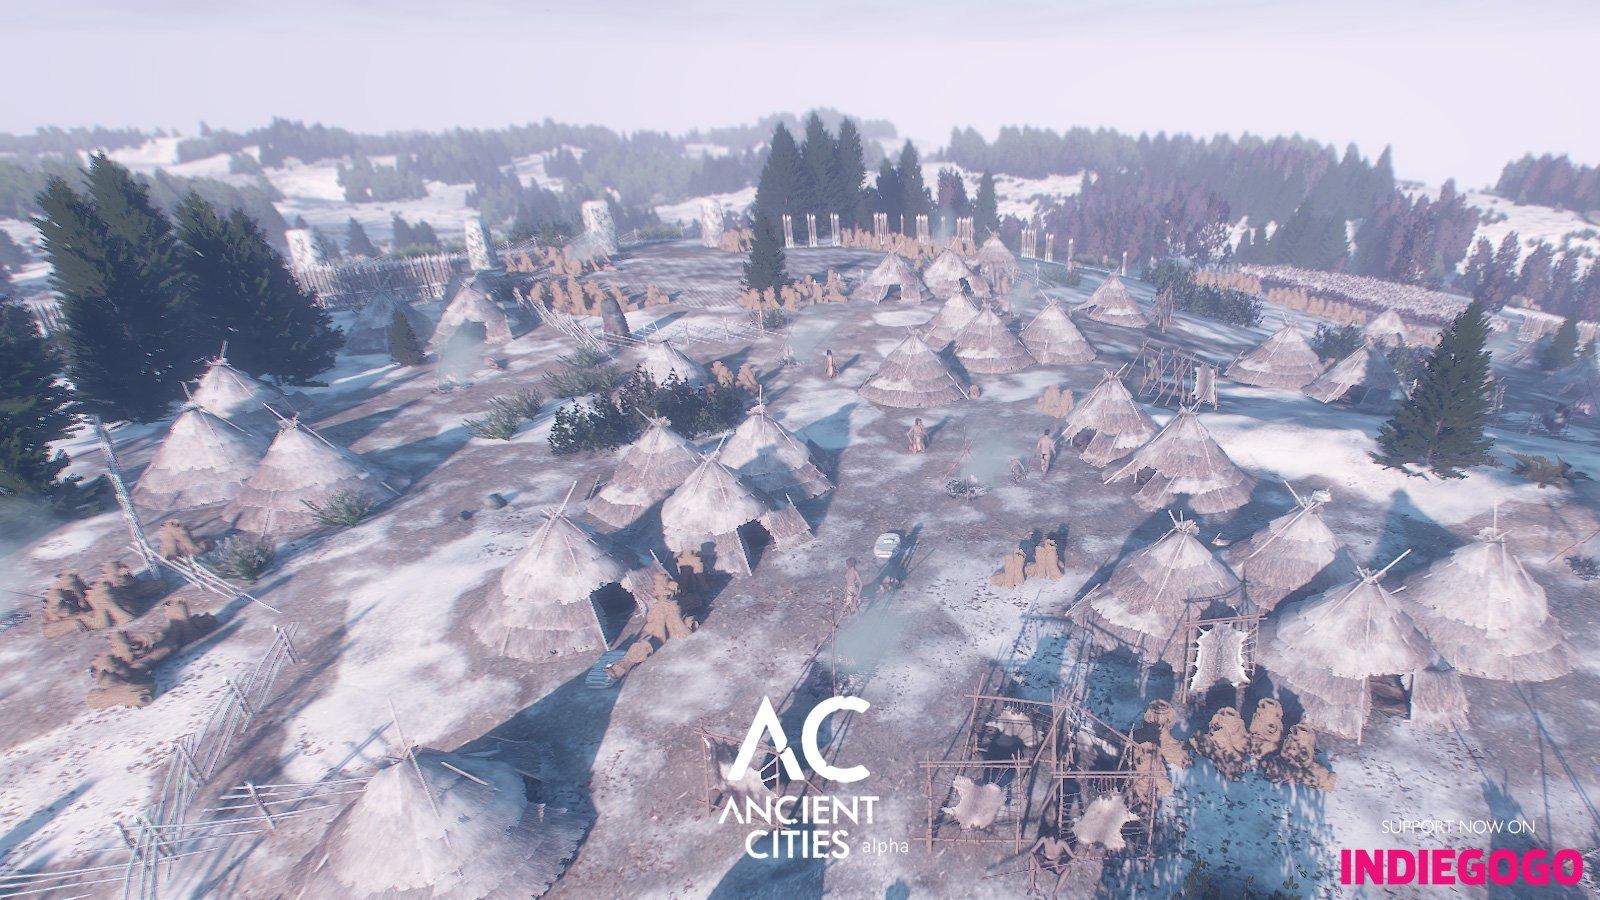 Ancient Cities DFOIERkXoAAk4oe